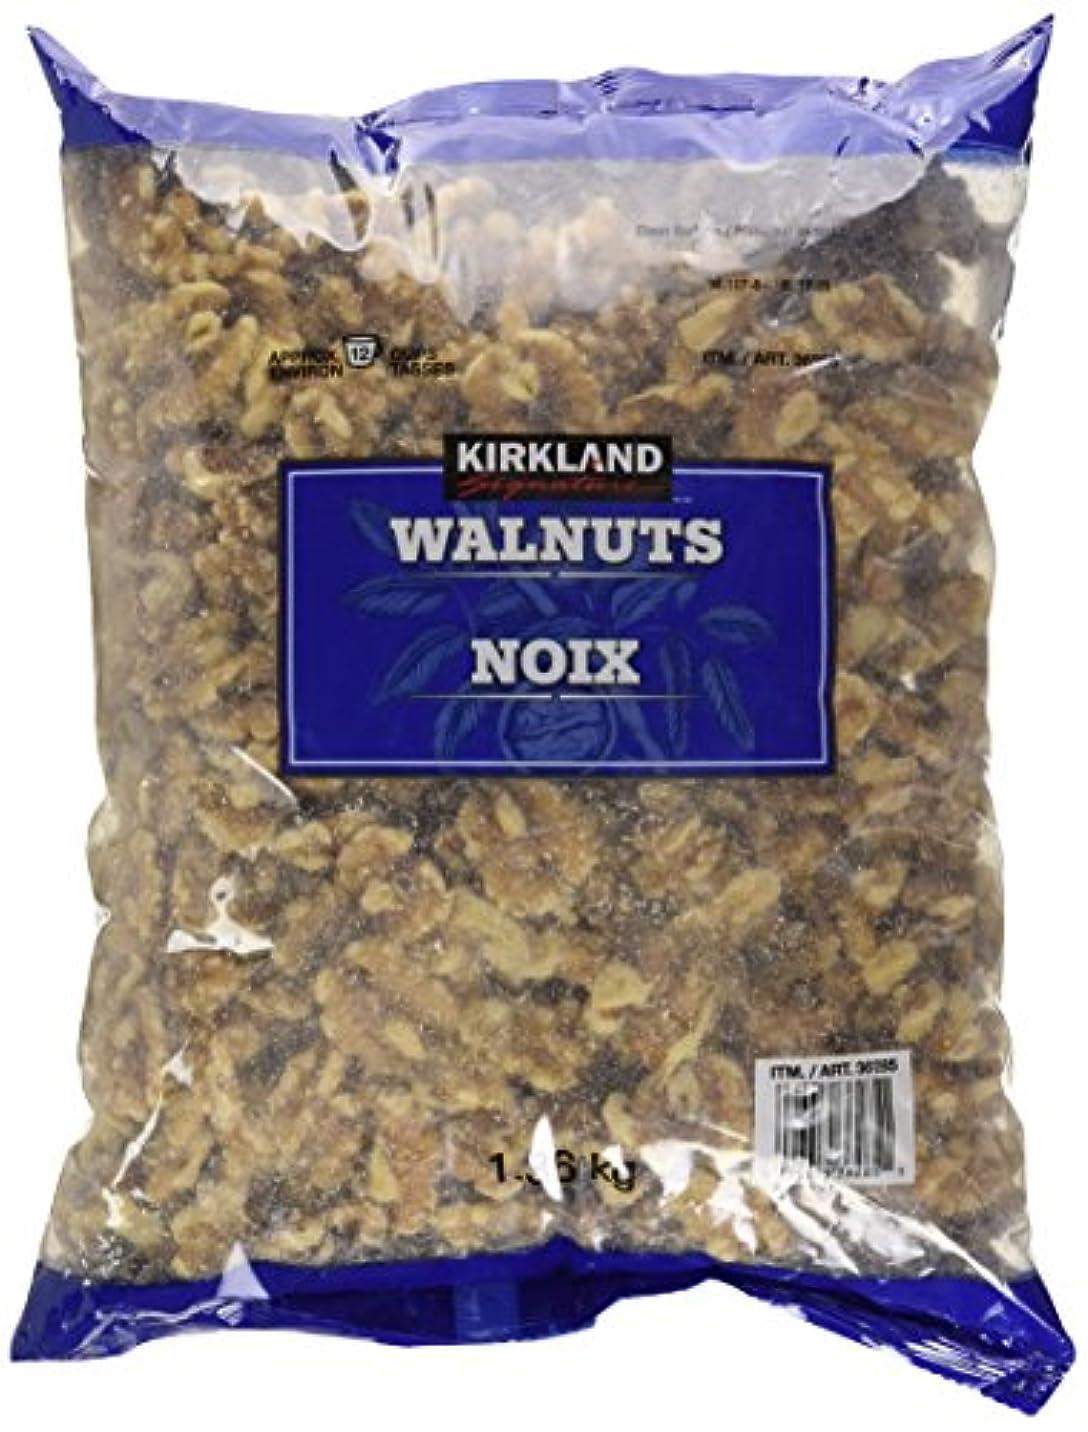 電話する横向き半球KIRKLAND (カークランド) シグネチャー WALNUTS ウォールナッツ くるみ 1.36kg